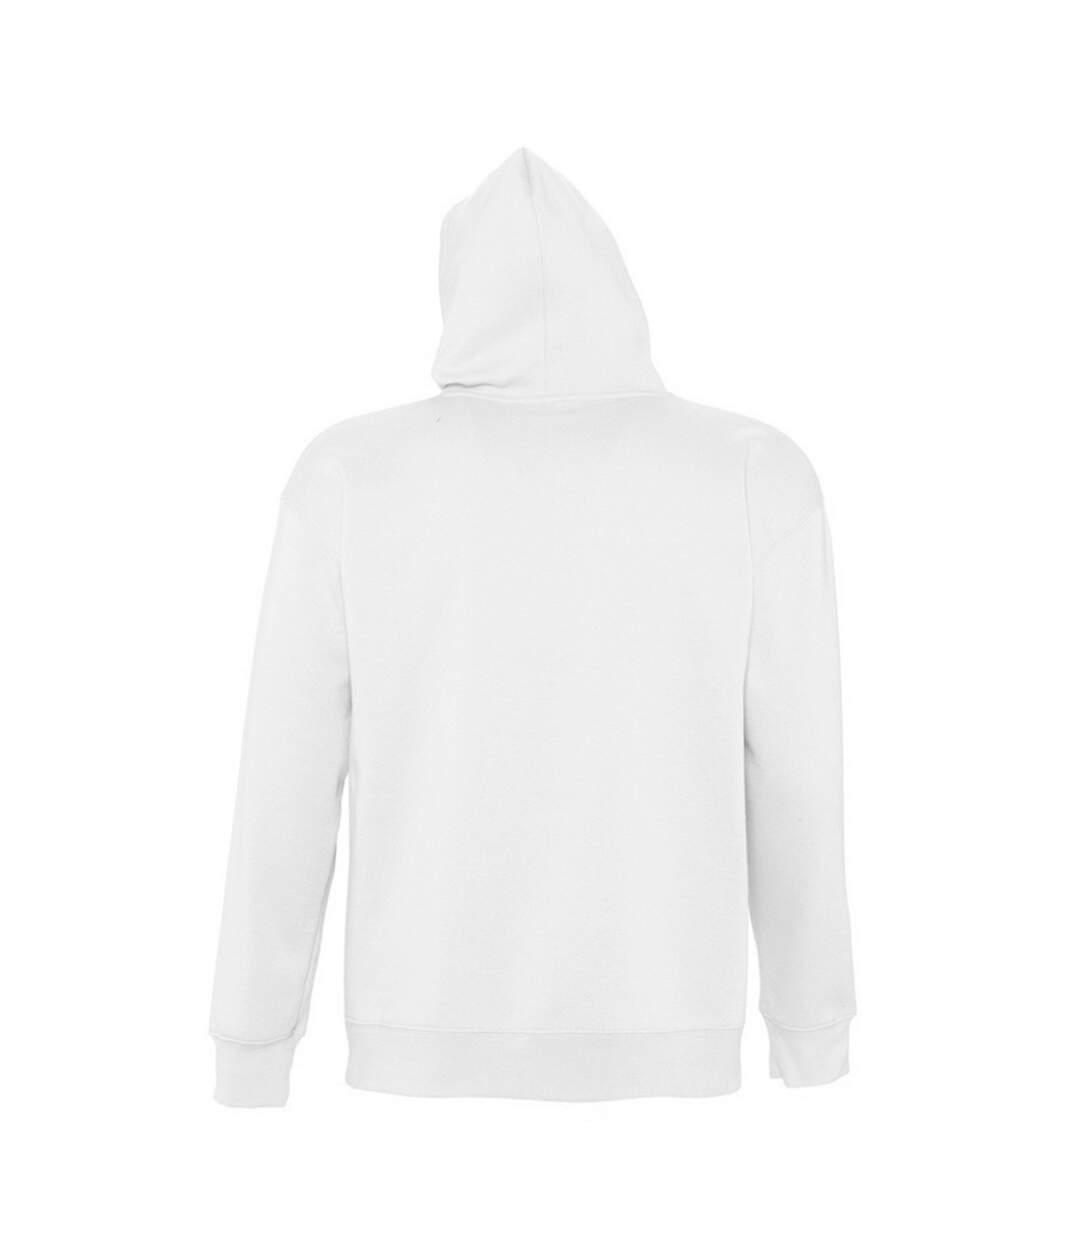 SOLS Slam Unisex Hooded Sweatshirt / Hoodie (White) - UTPC381